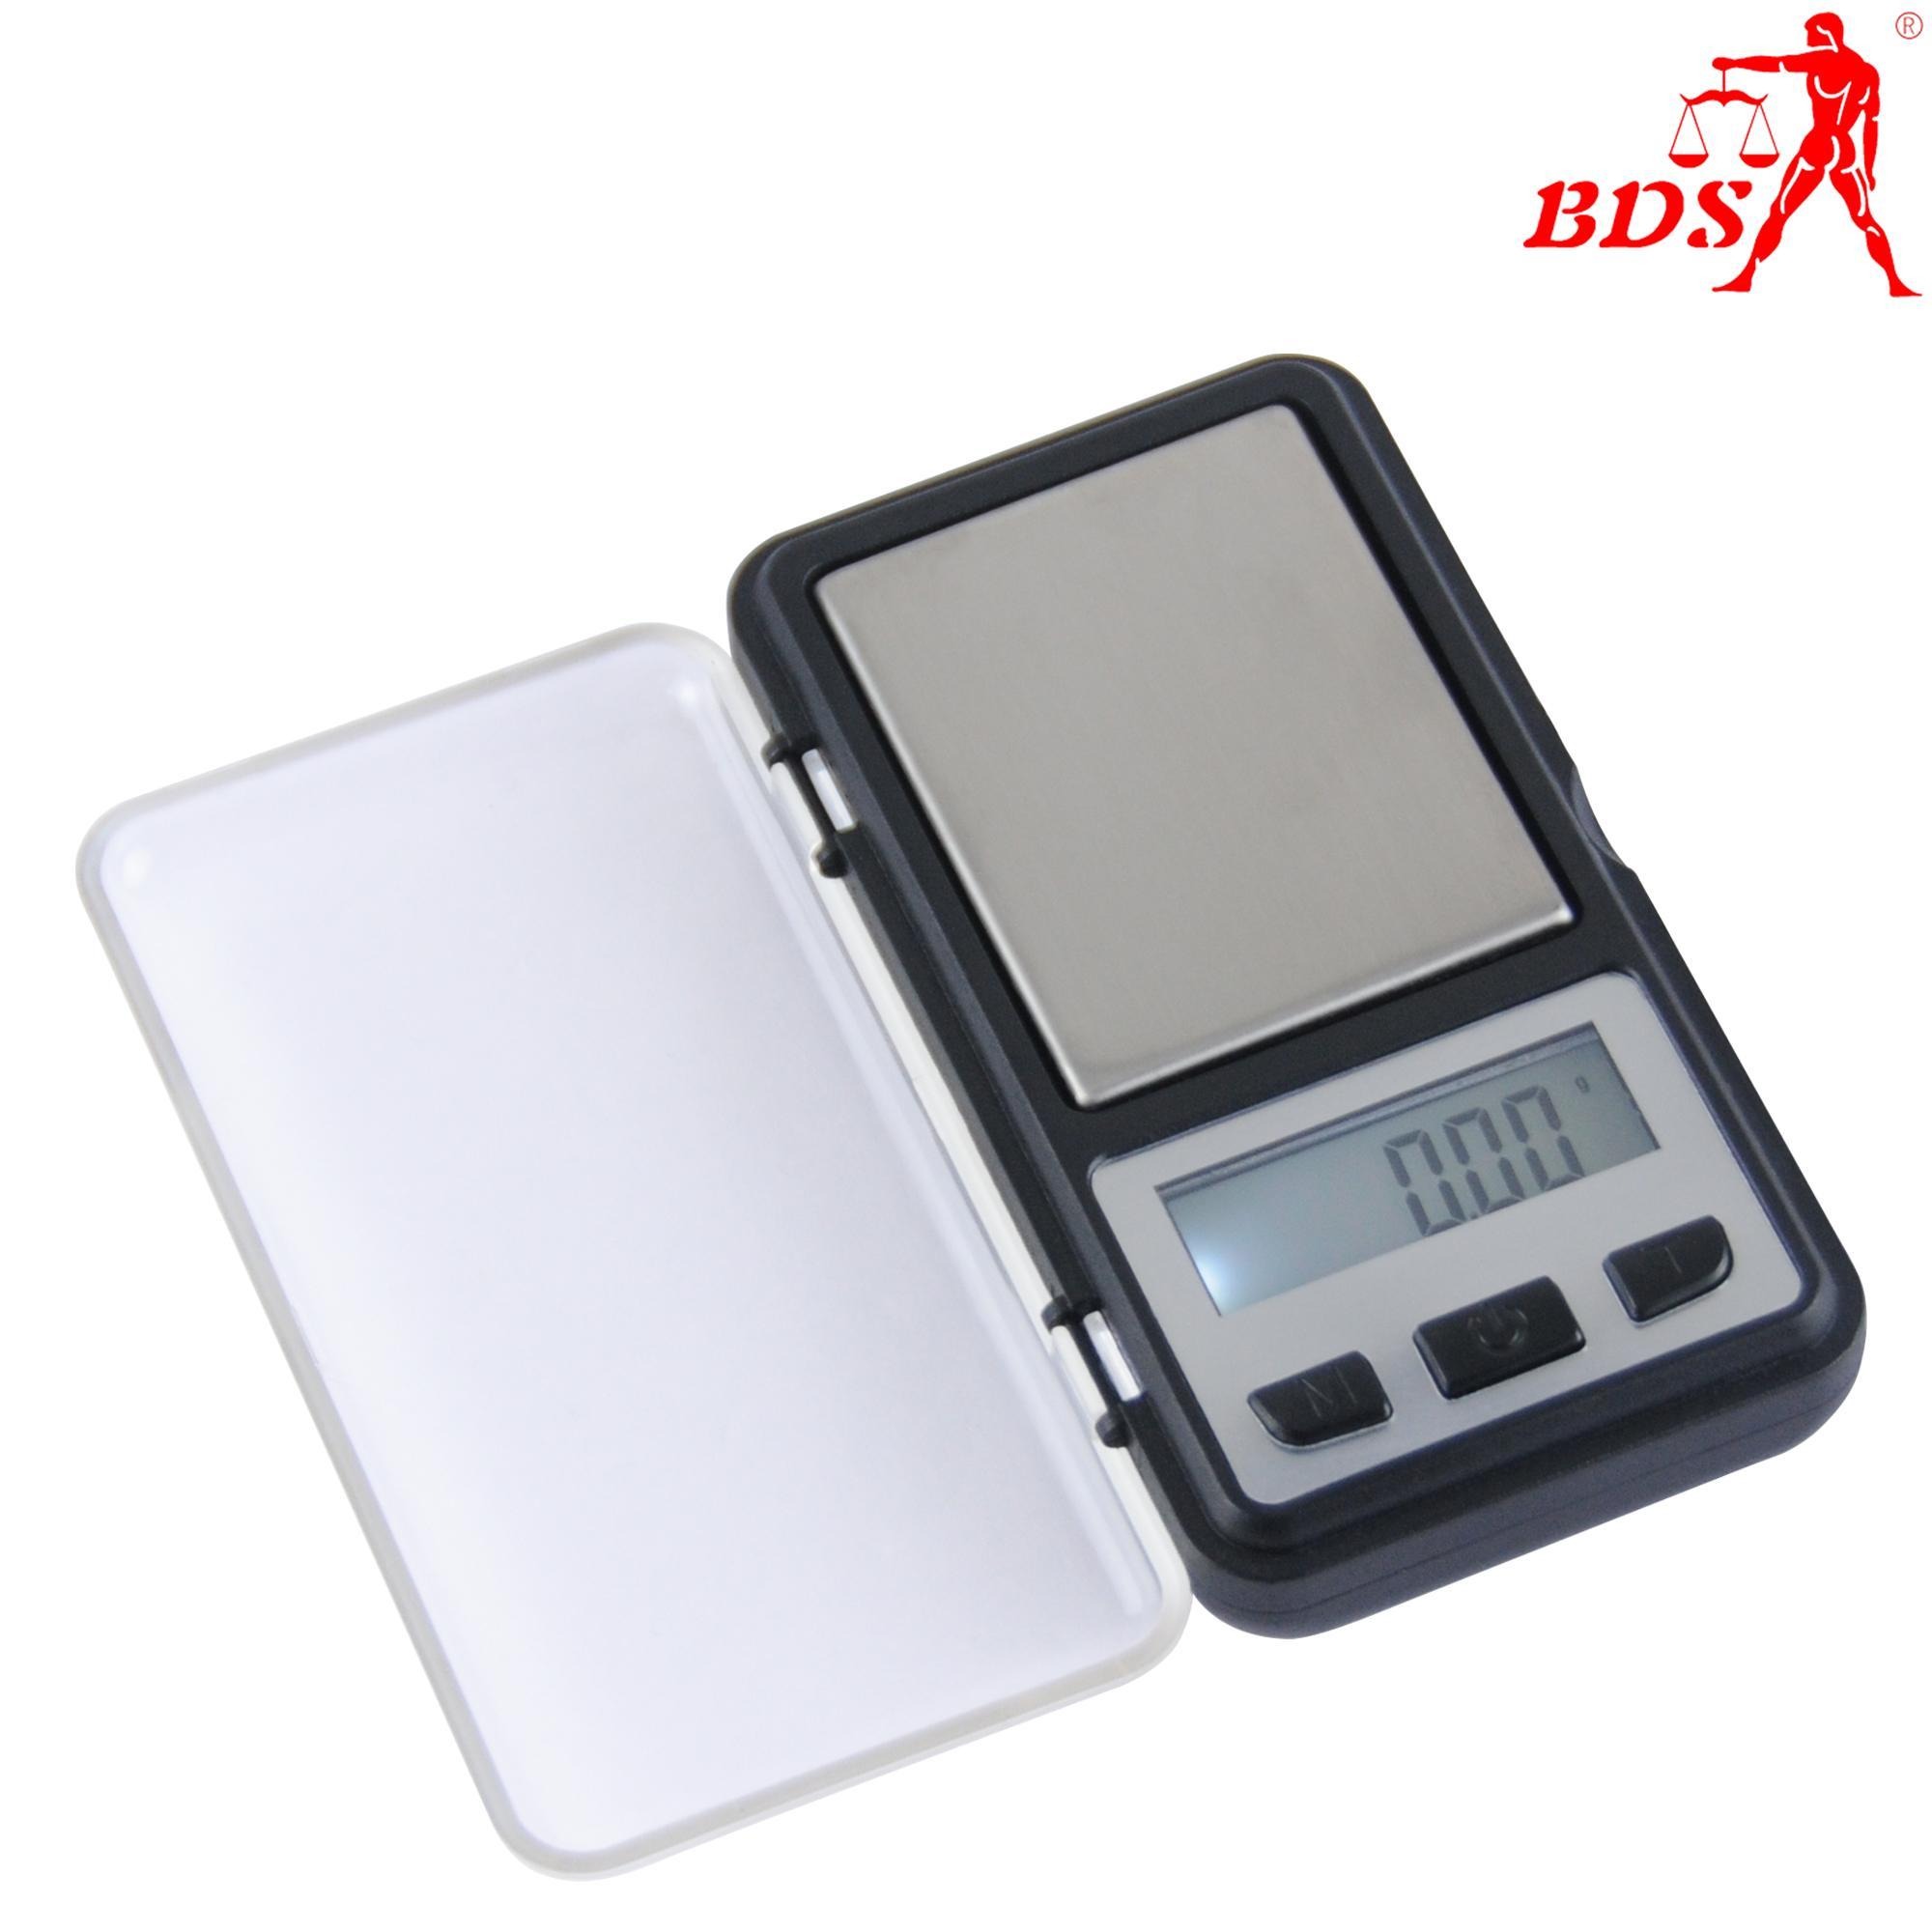 深圳北斗星衡器BDS6010便攜式電子口袋秤,珠寶秤 3